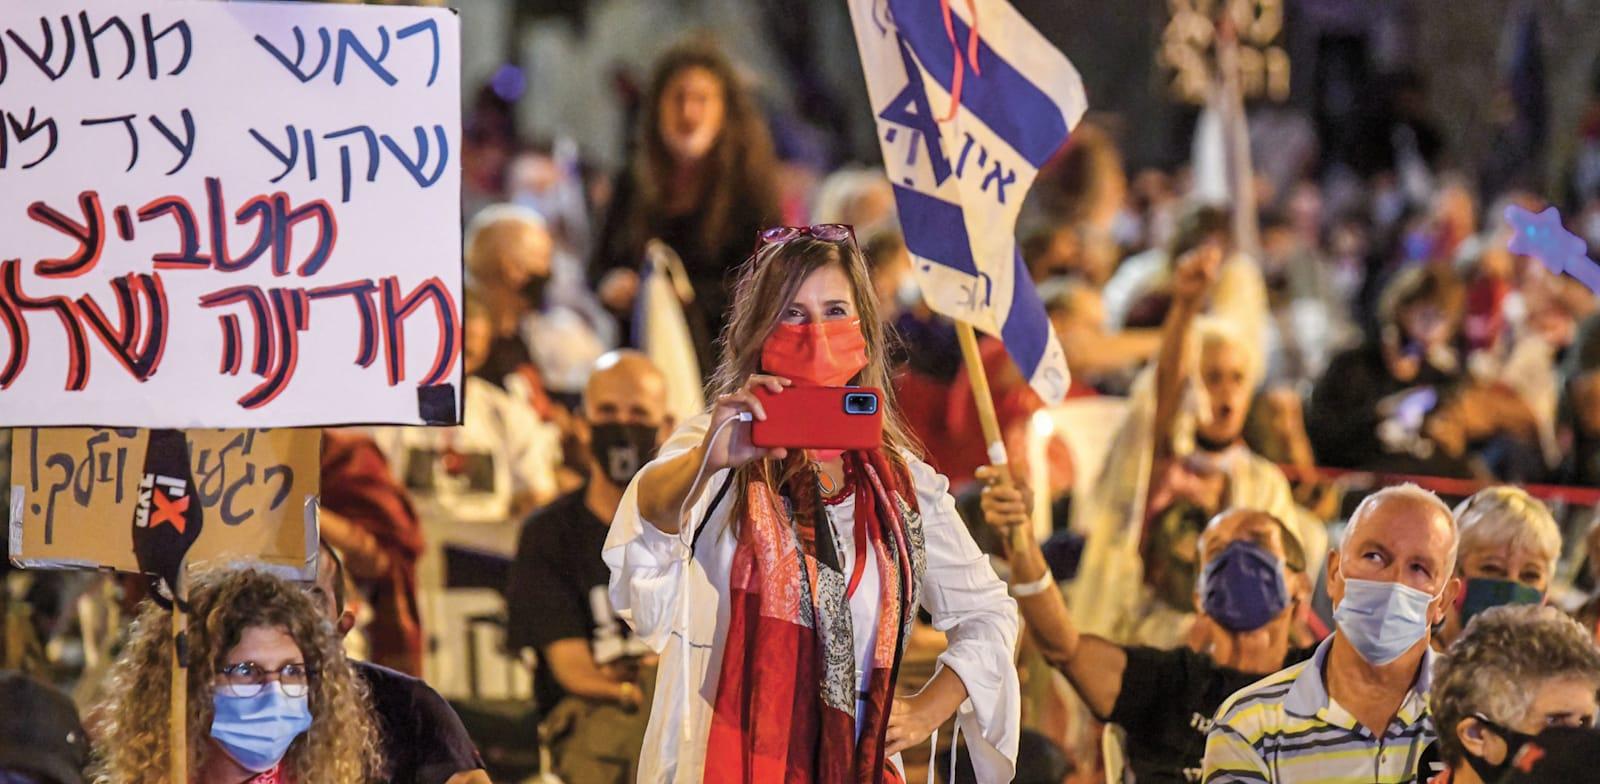 """אור-לי ברלב בהפגנה ליד רחוב בלפור בירושלים. """"מעולם לא הייתי מעורבת באף מפלגה"""" / צילום: בן כהן"""